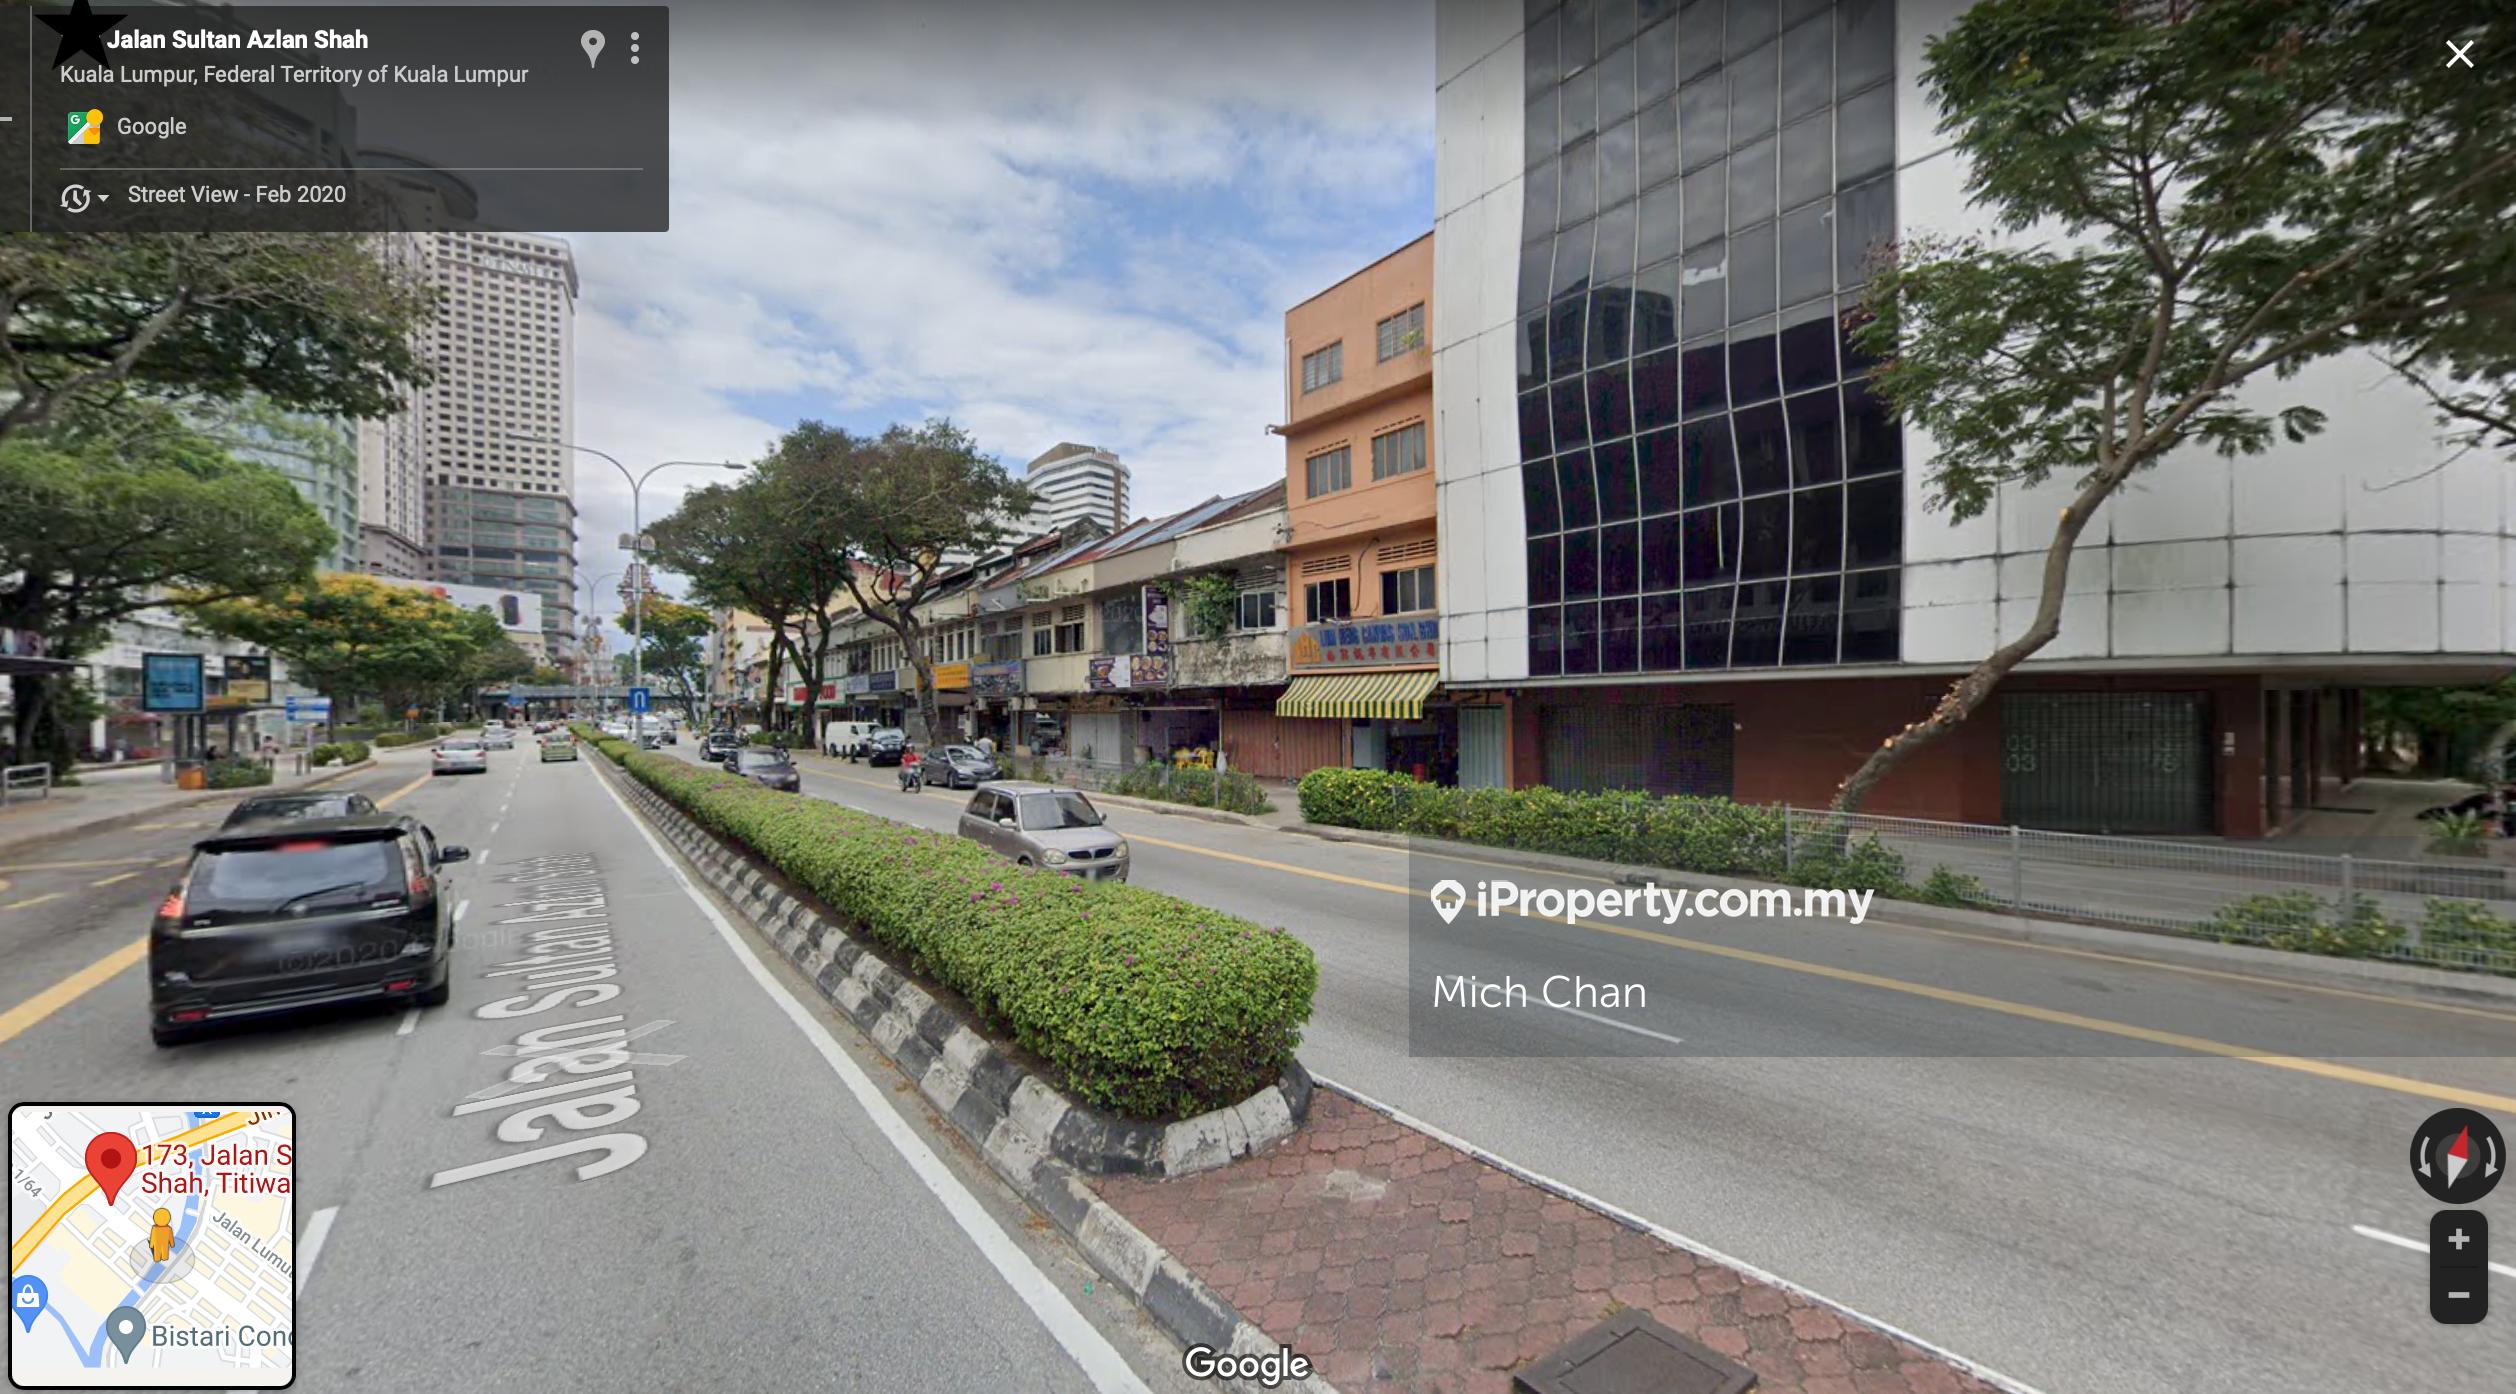 Jalan Ipoh - TWO adjoining lots of 4-storey shophouses, Jalan Ipoh